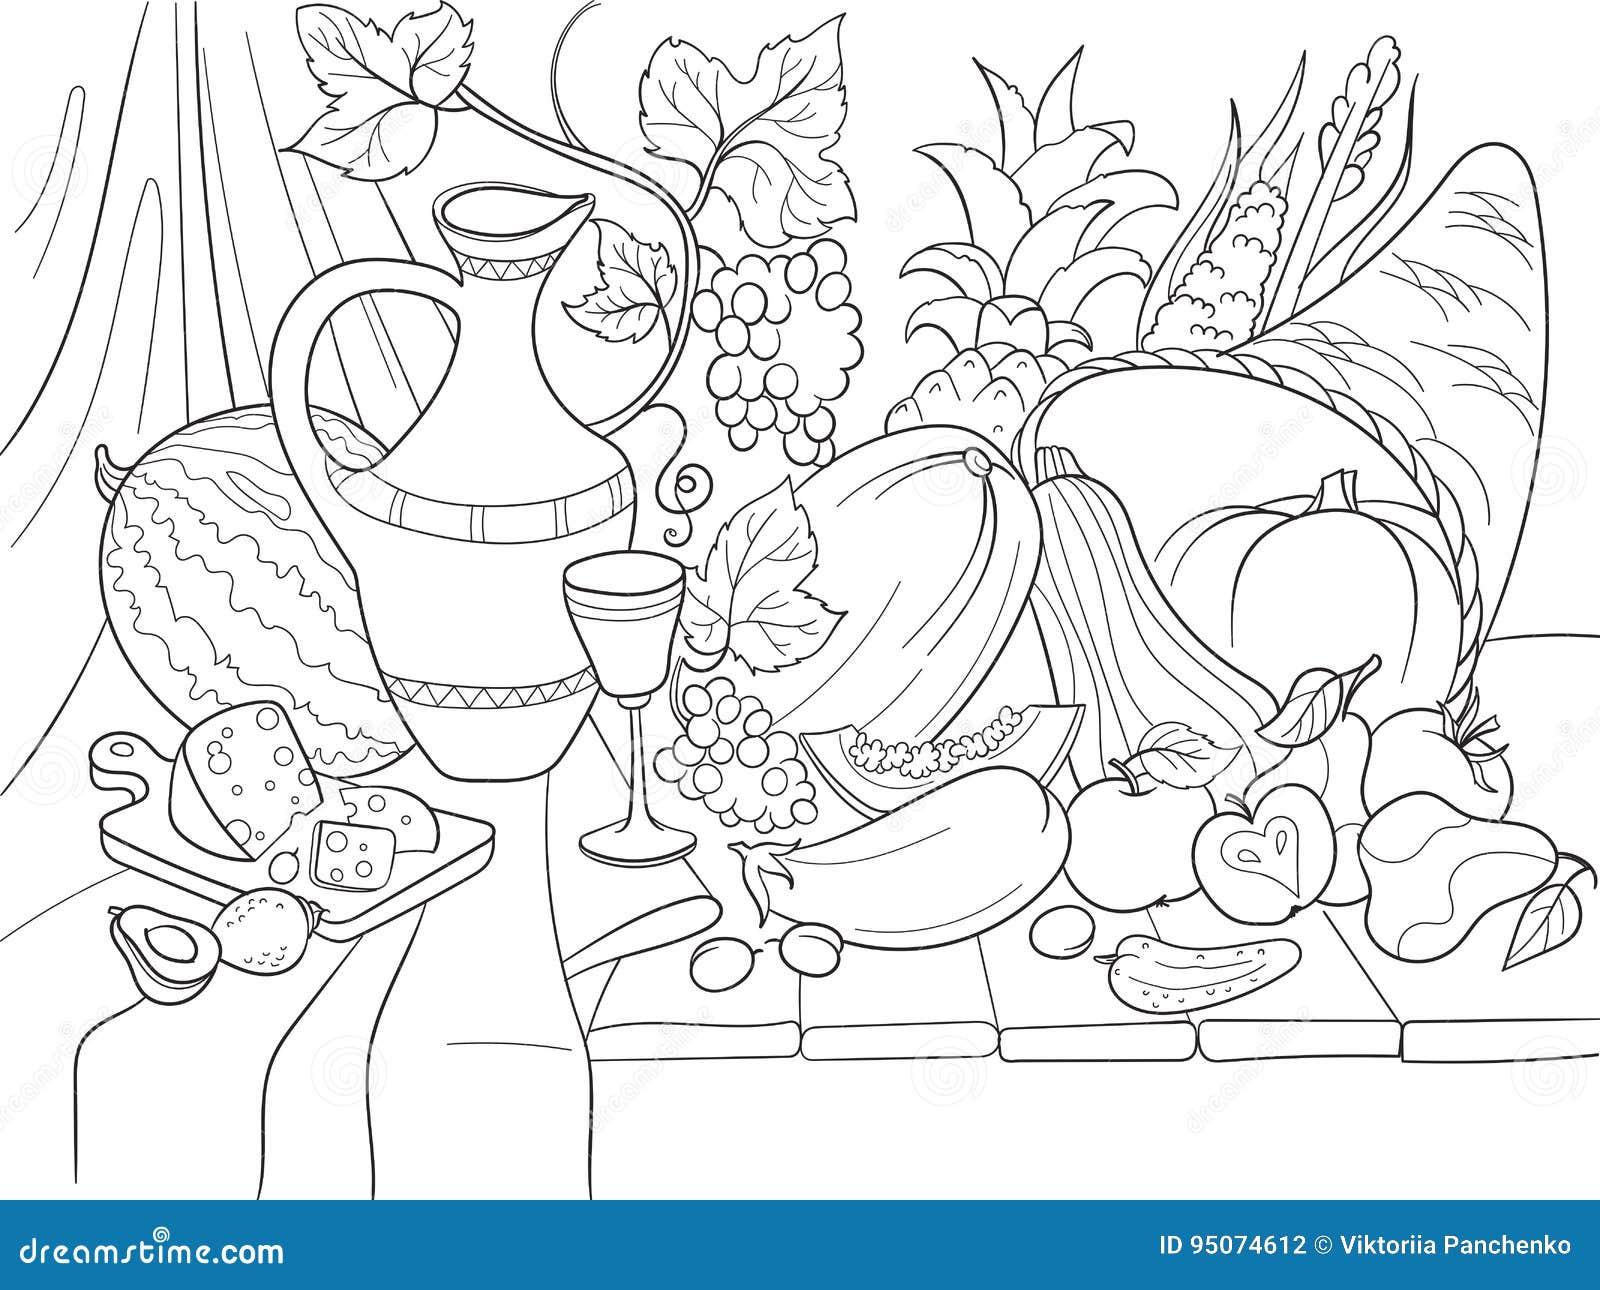 Disegni Da Colorare Natura Morta Frutta.Verdure Ed Illustrazione Di Vettore Di Stile Del Raccolto Di Frutti Natura Morta Di Giorno Di Ringraziamento Vecchia Imitazione D Illustrazione Vettoriale Illustrazione Di Vetro Coloring 95074612